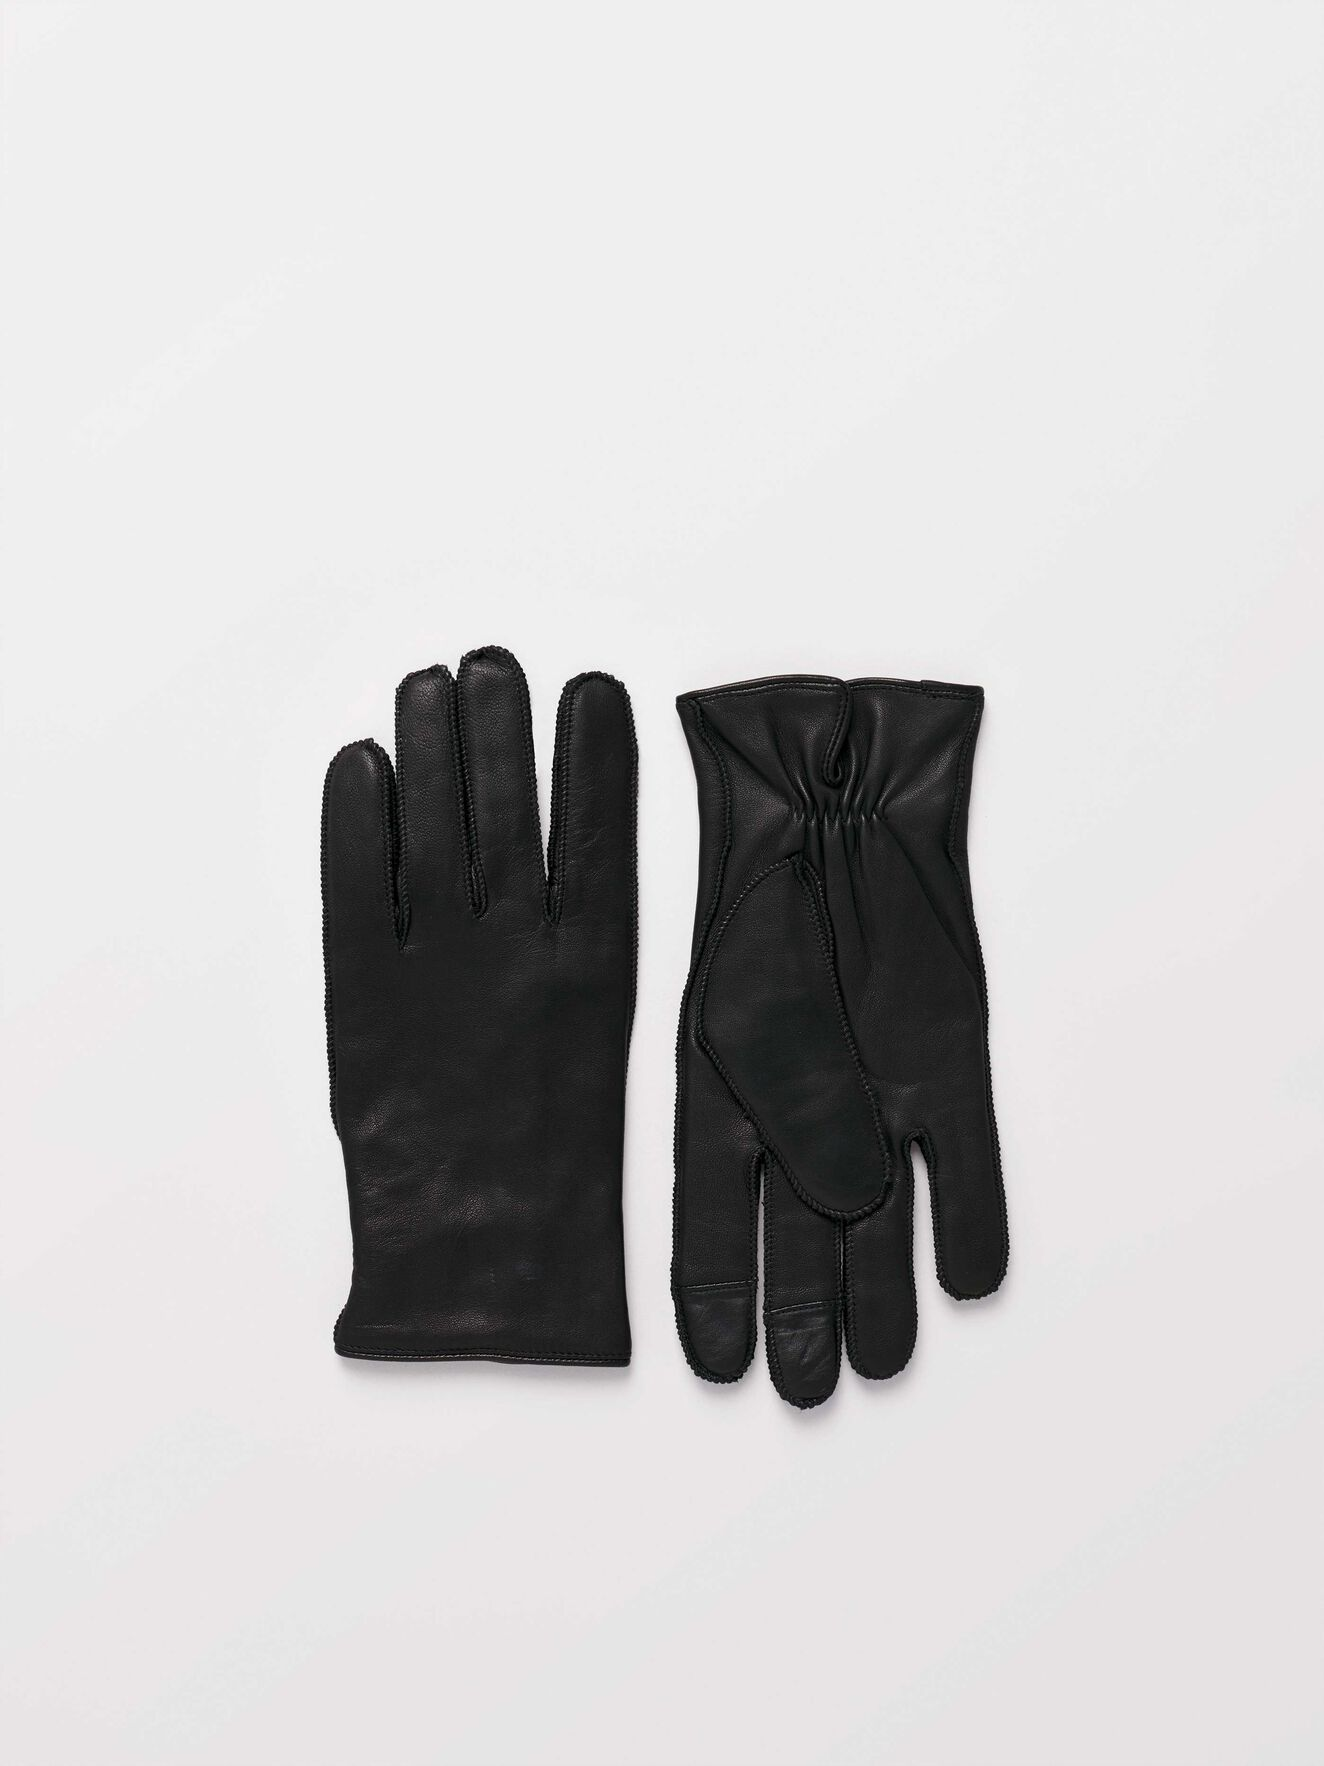 Gandalus Handschuhe in Black from Tiger of Sweden